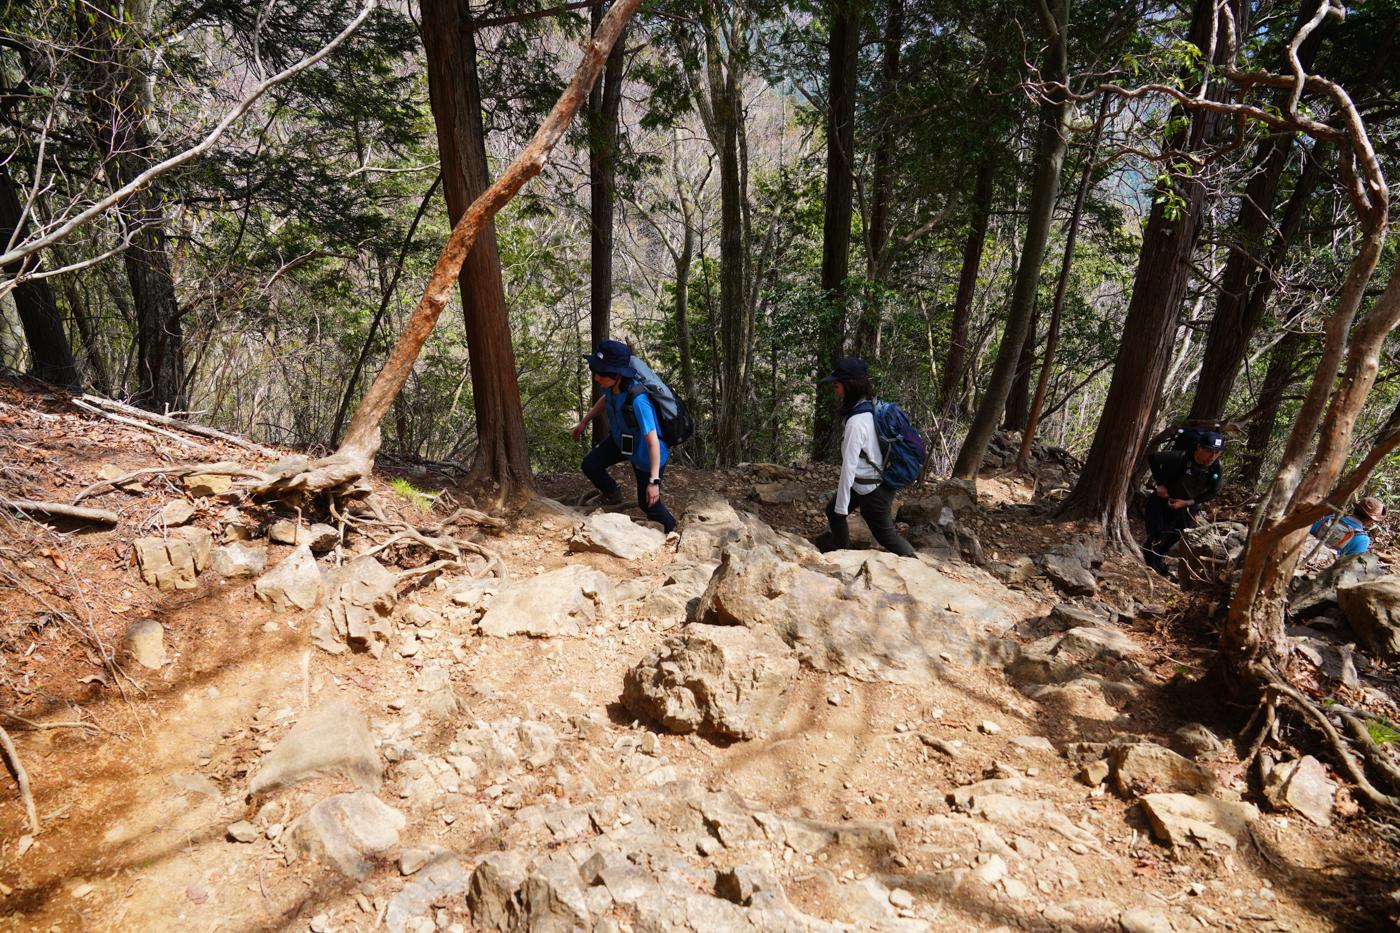 御岳山 大岳山 日の出山 聖地巡礼の日帰り登山